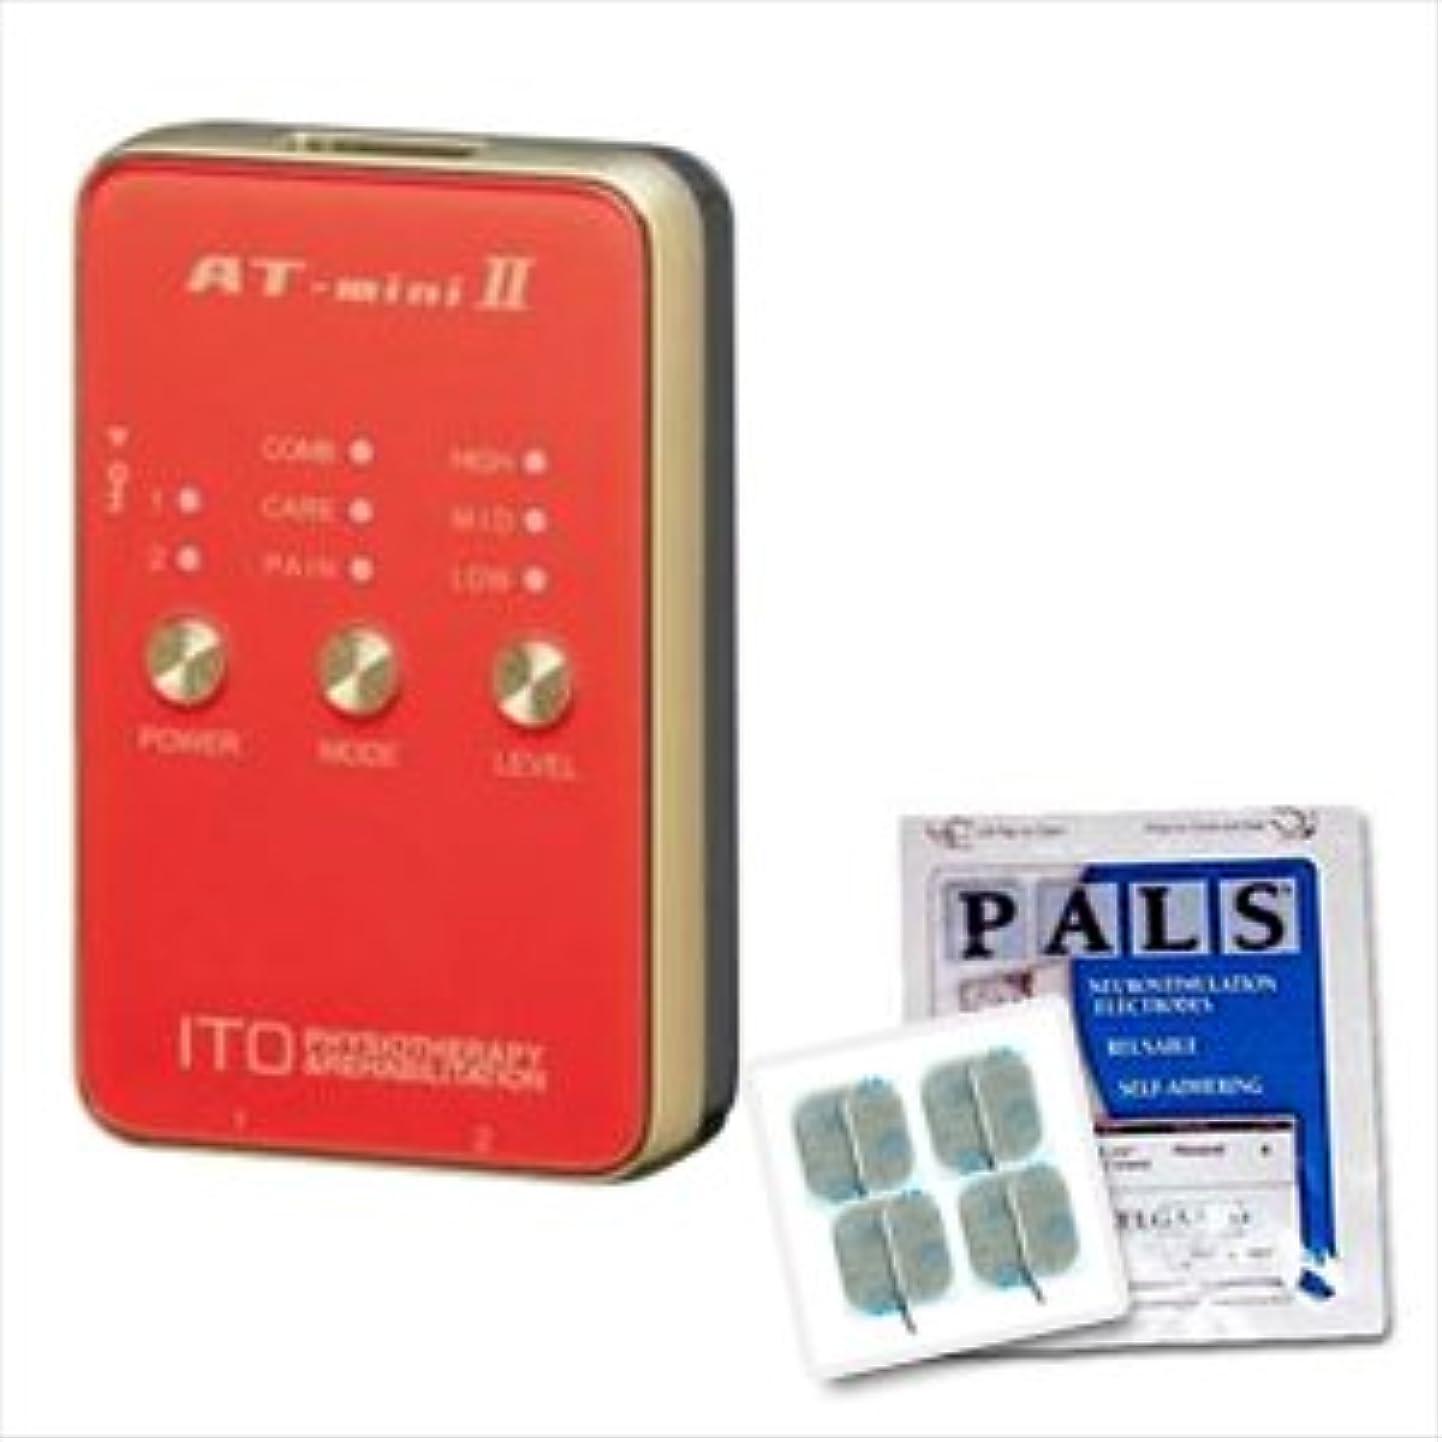 ポーンスリット断言する低周波治療器 AT-mini II オレンジ +アクセルガードMサイズ(5x5cm:1袋4枚入)セット